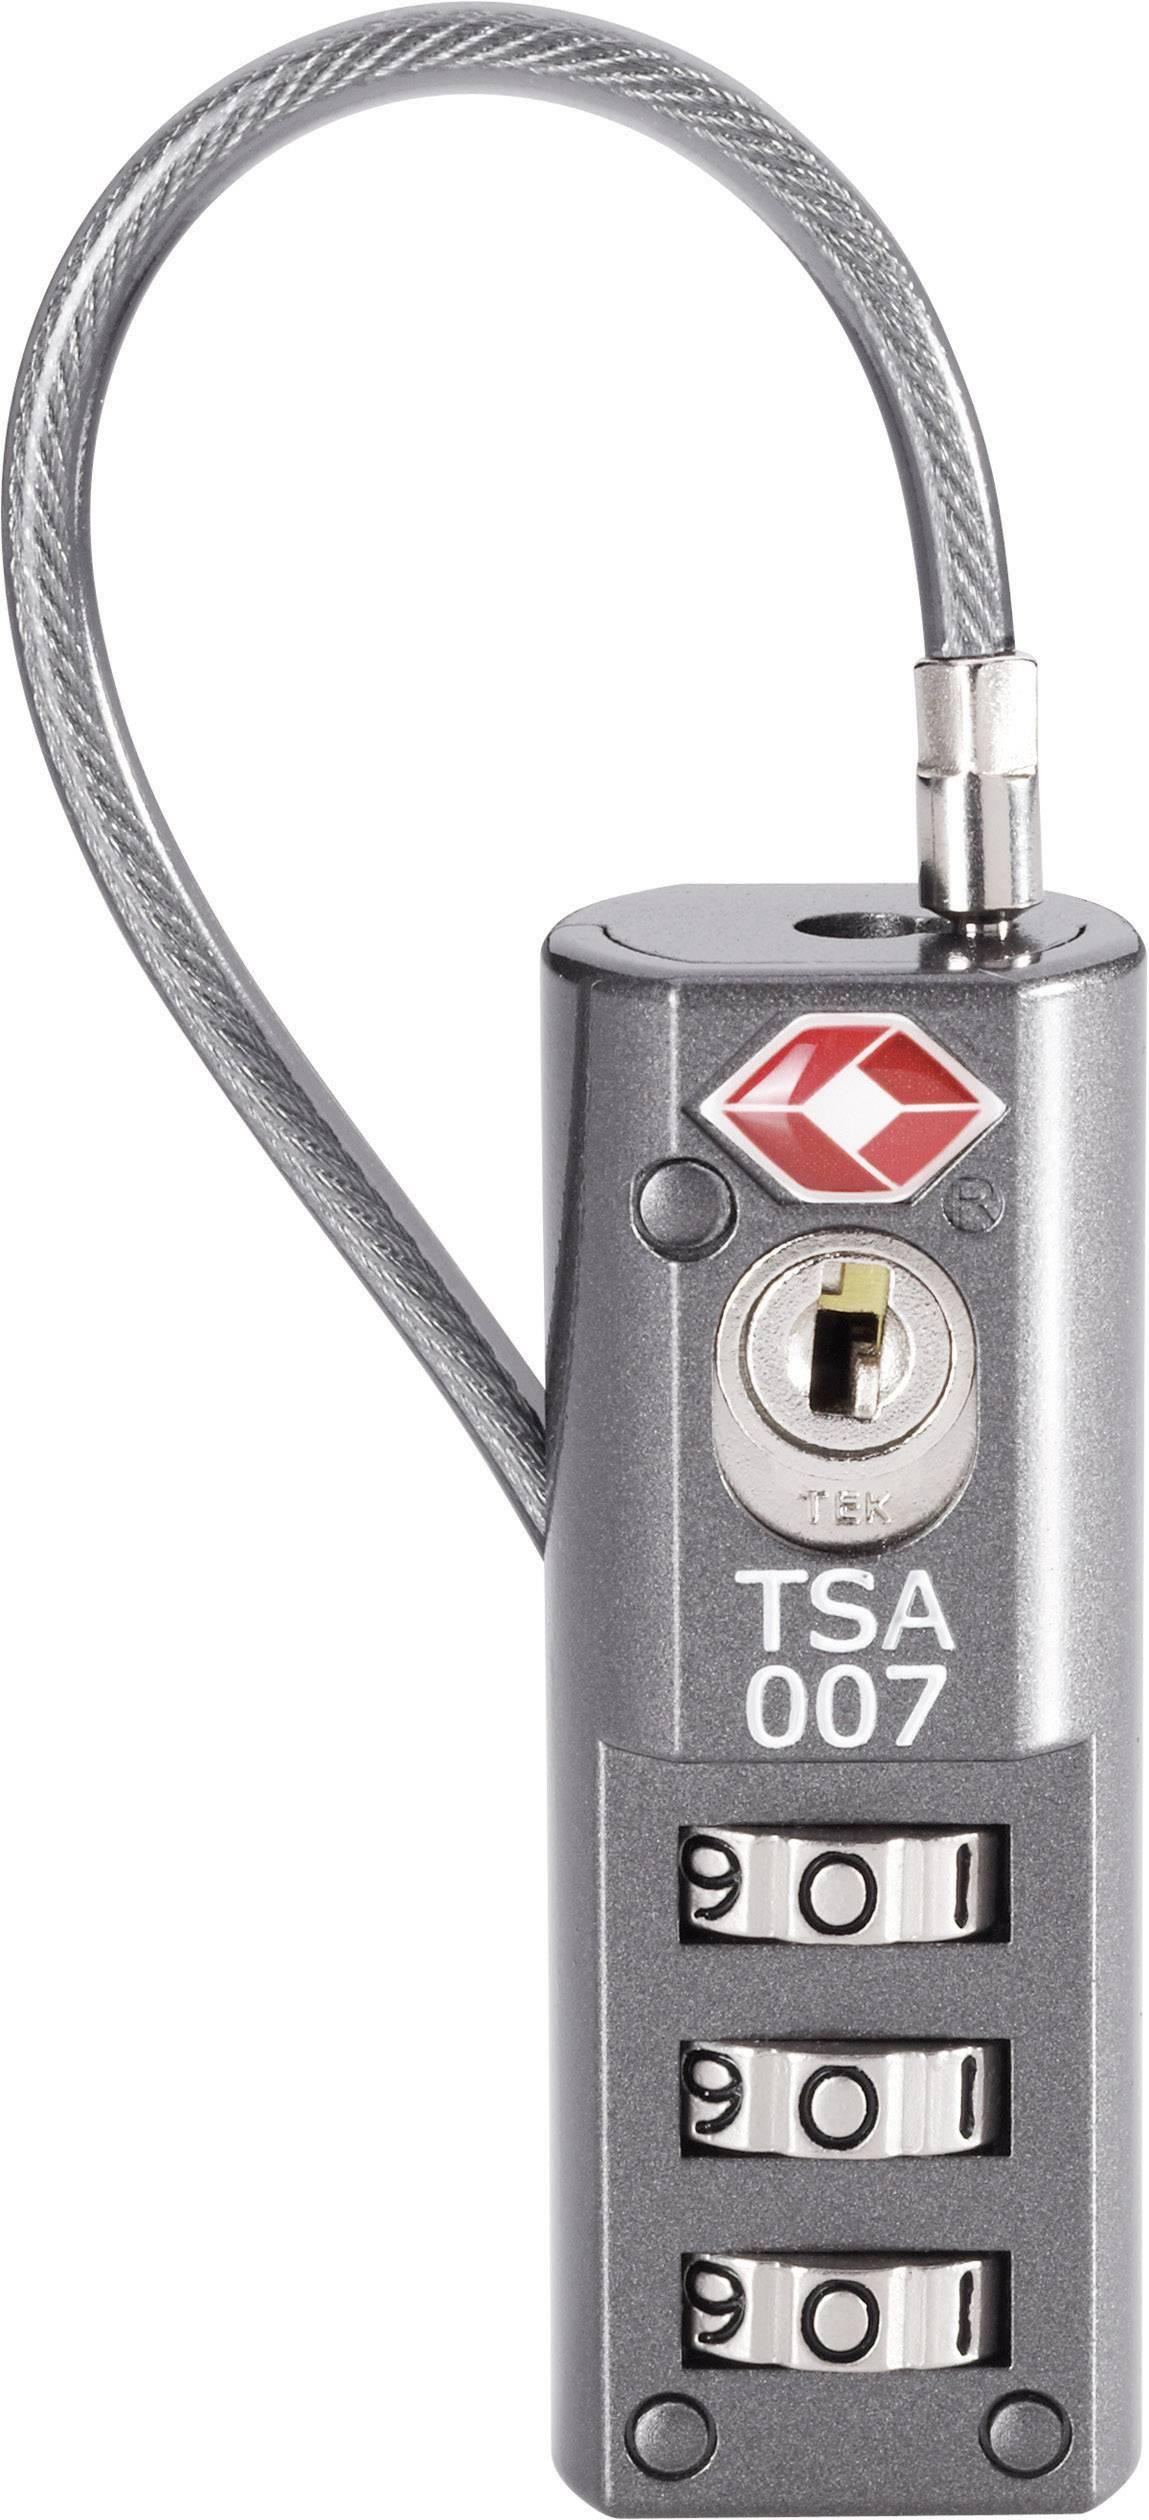 TSA kabelový zámek na heslo TSA LKOT-0936, 19 mm, šedá